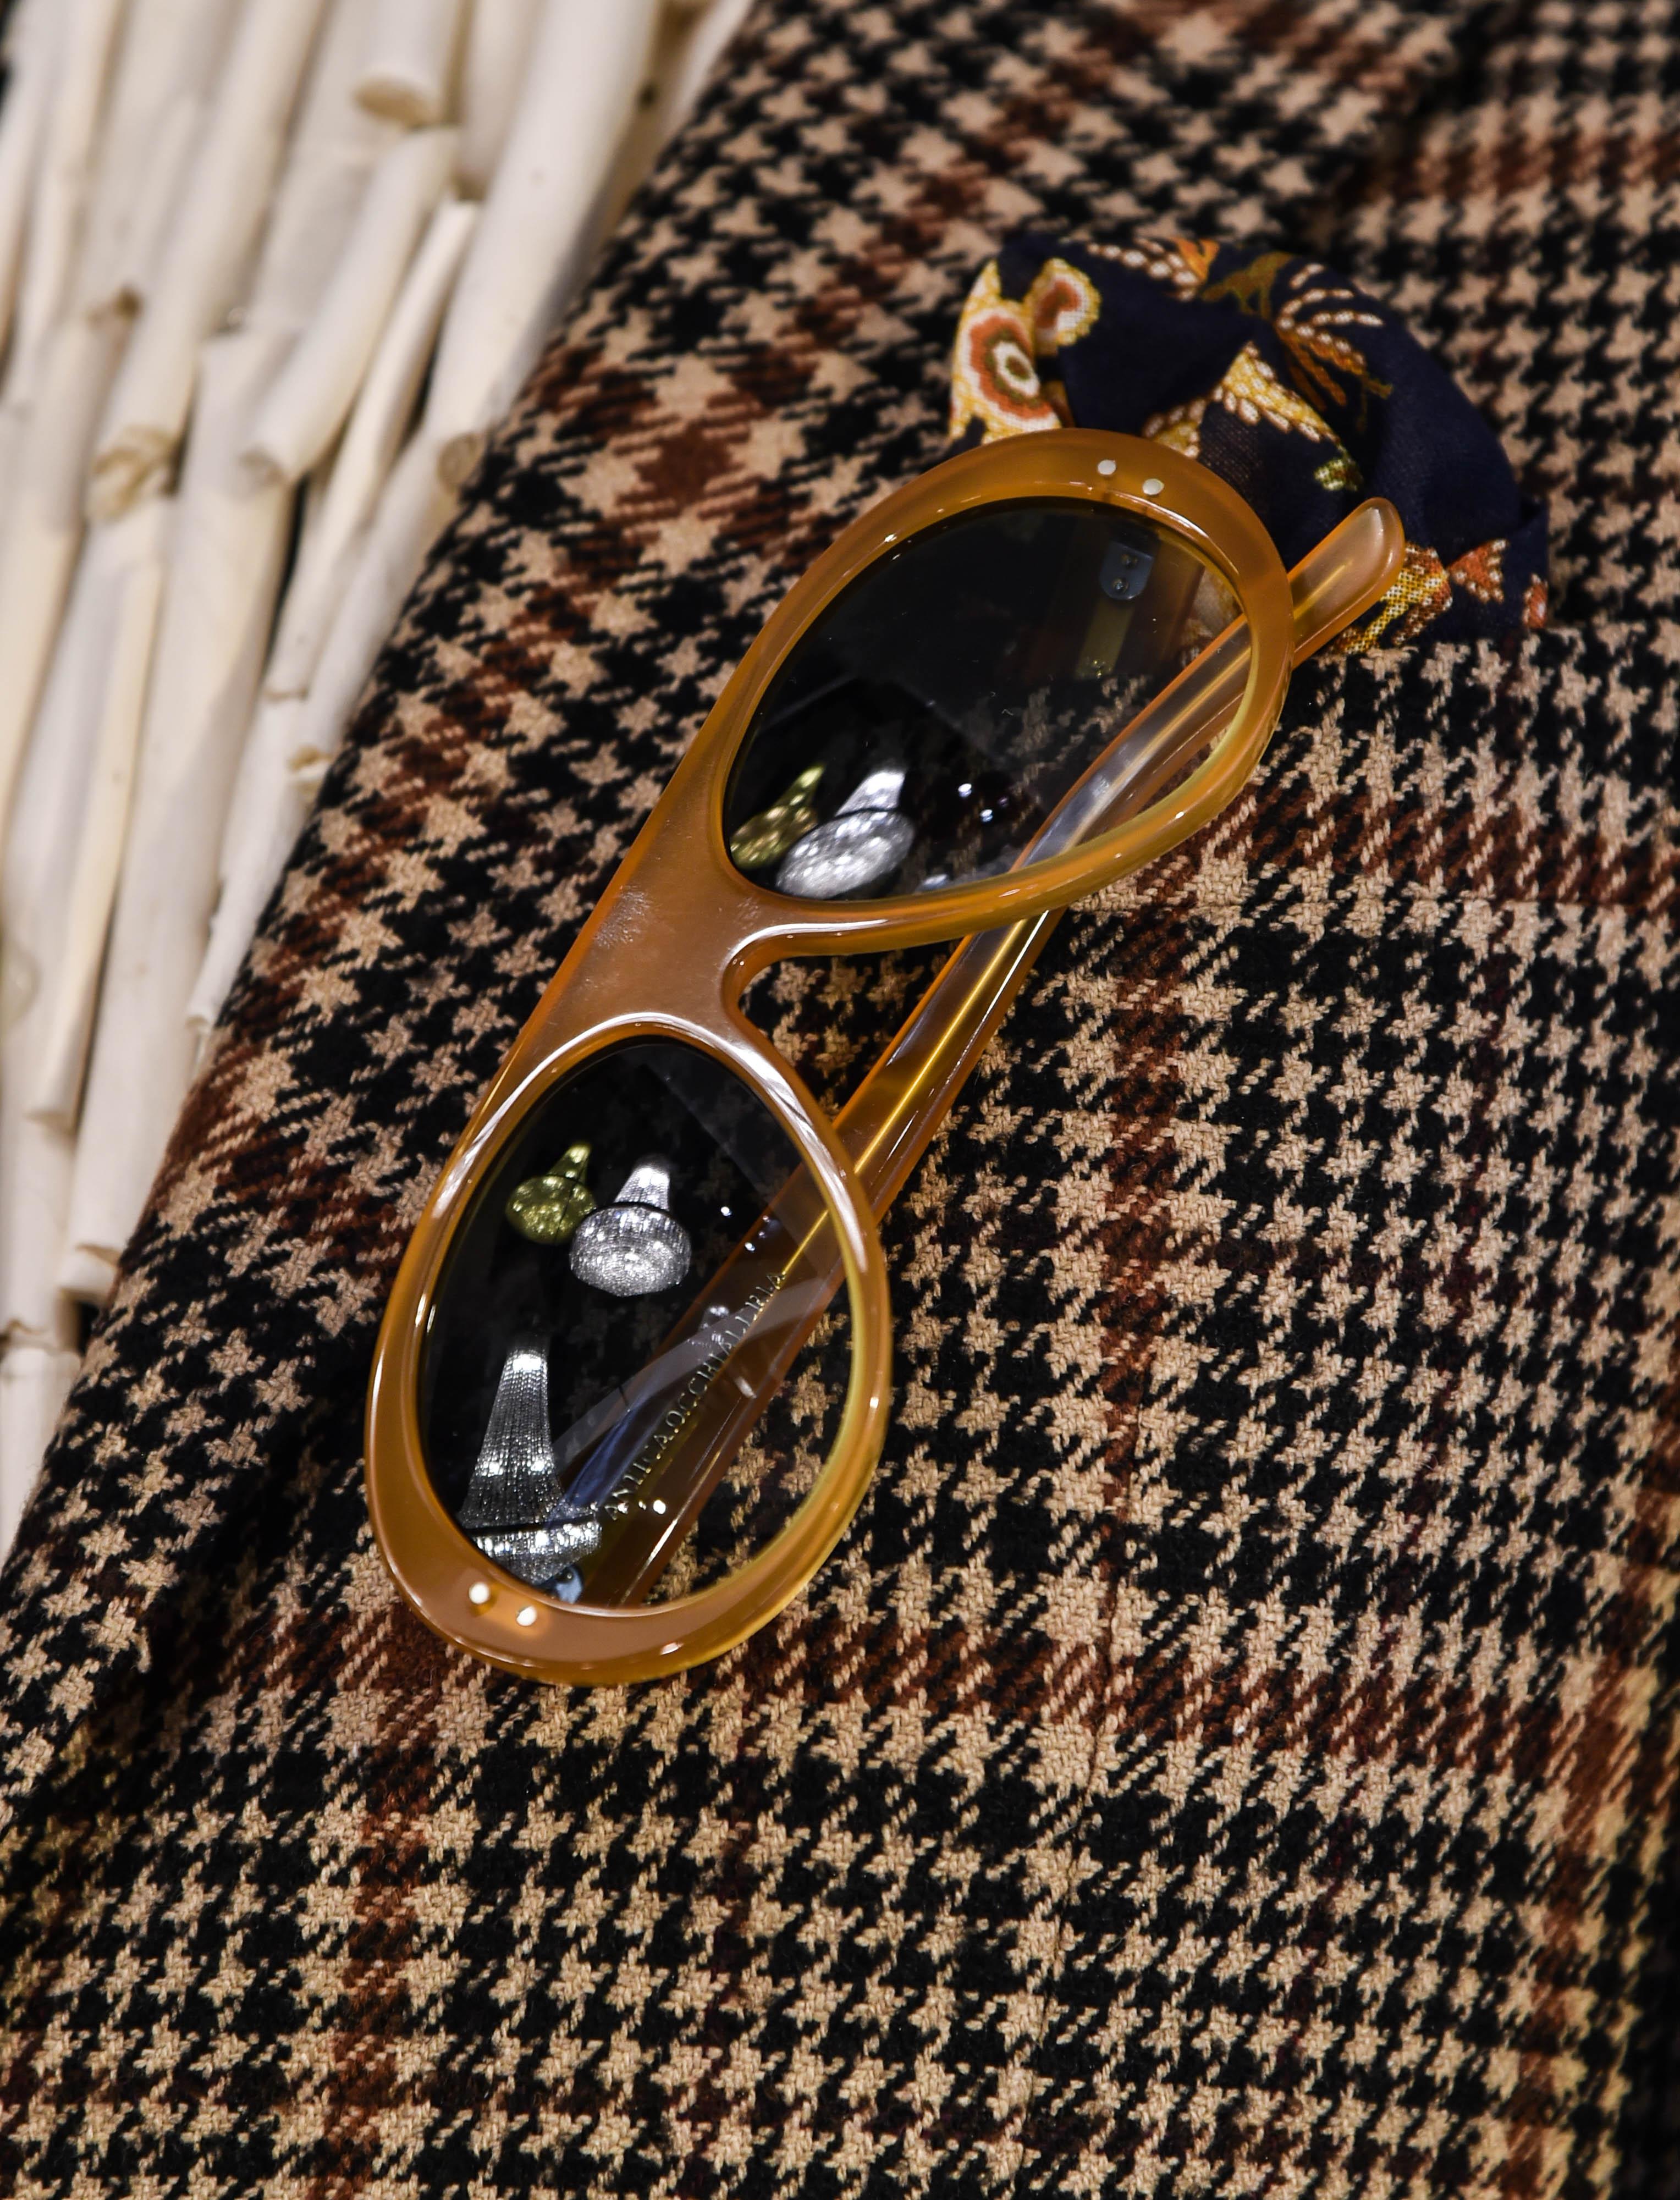 regali di Natale per lui - occhiali marcello Mastroianni Antica Occhialeria